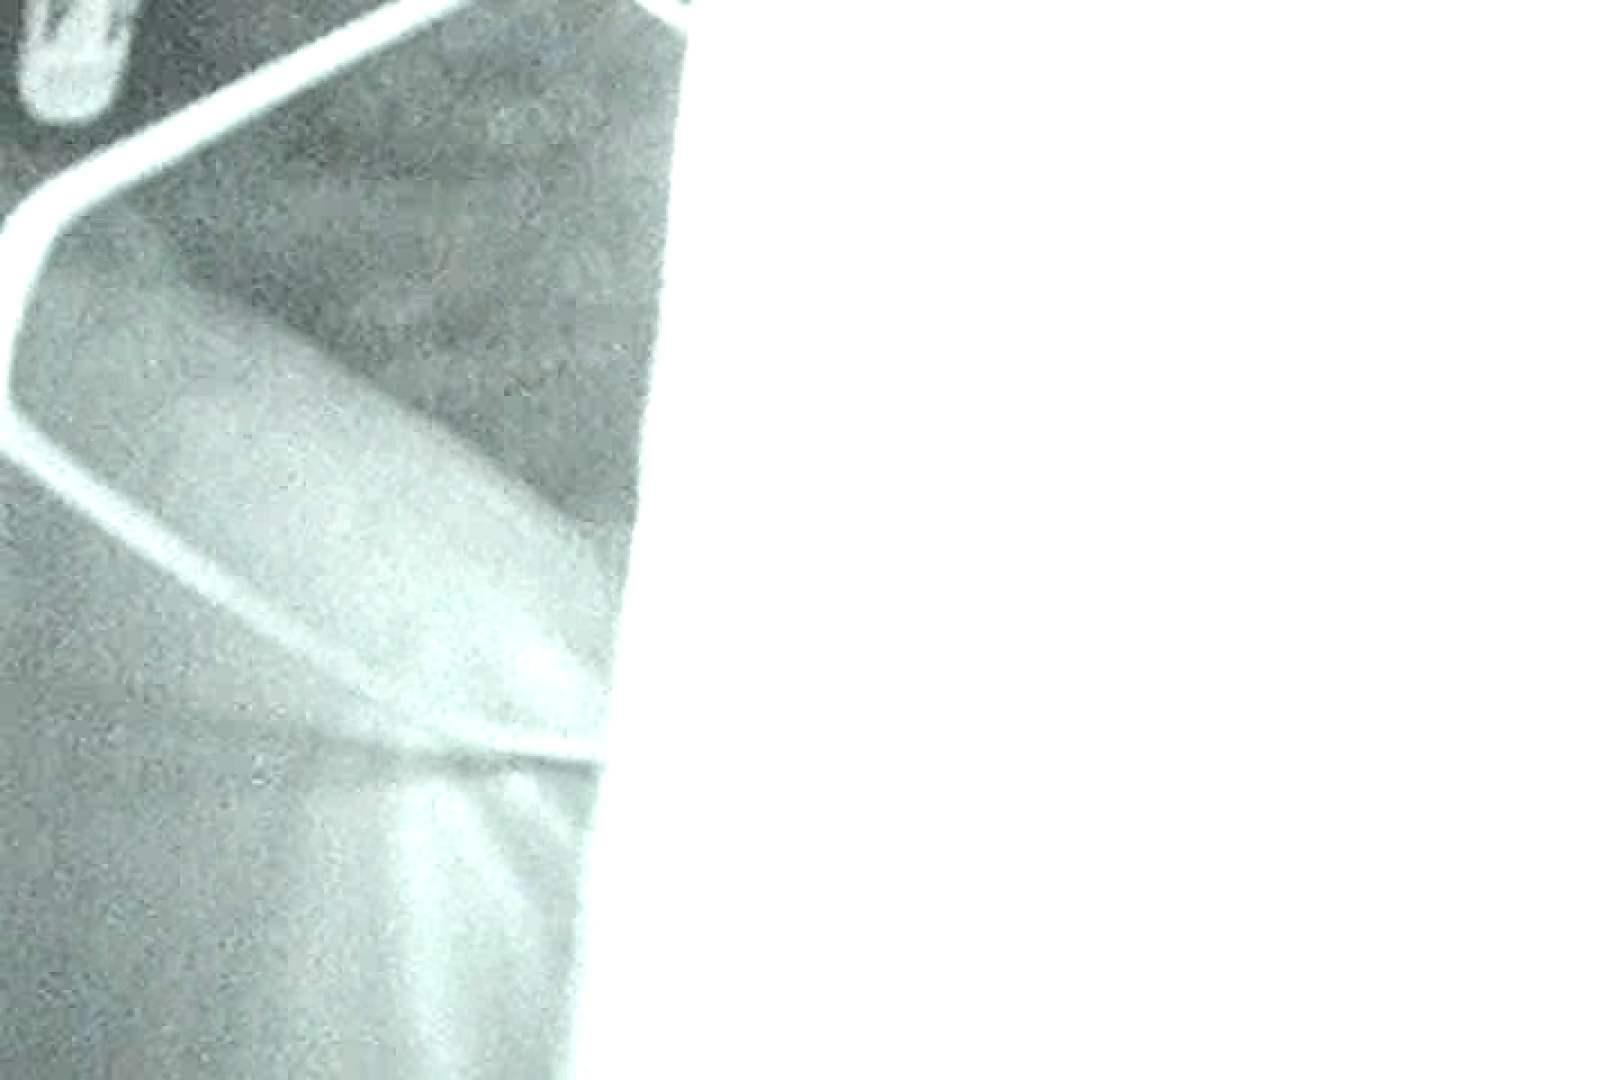 充血監督の深夜の運動会Vol.12 OLすけべ画像   カップル  98連発 45